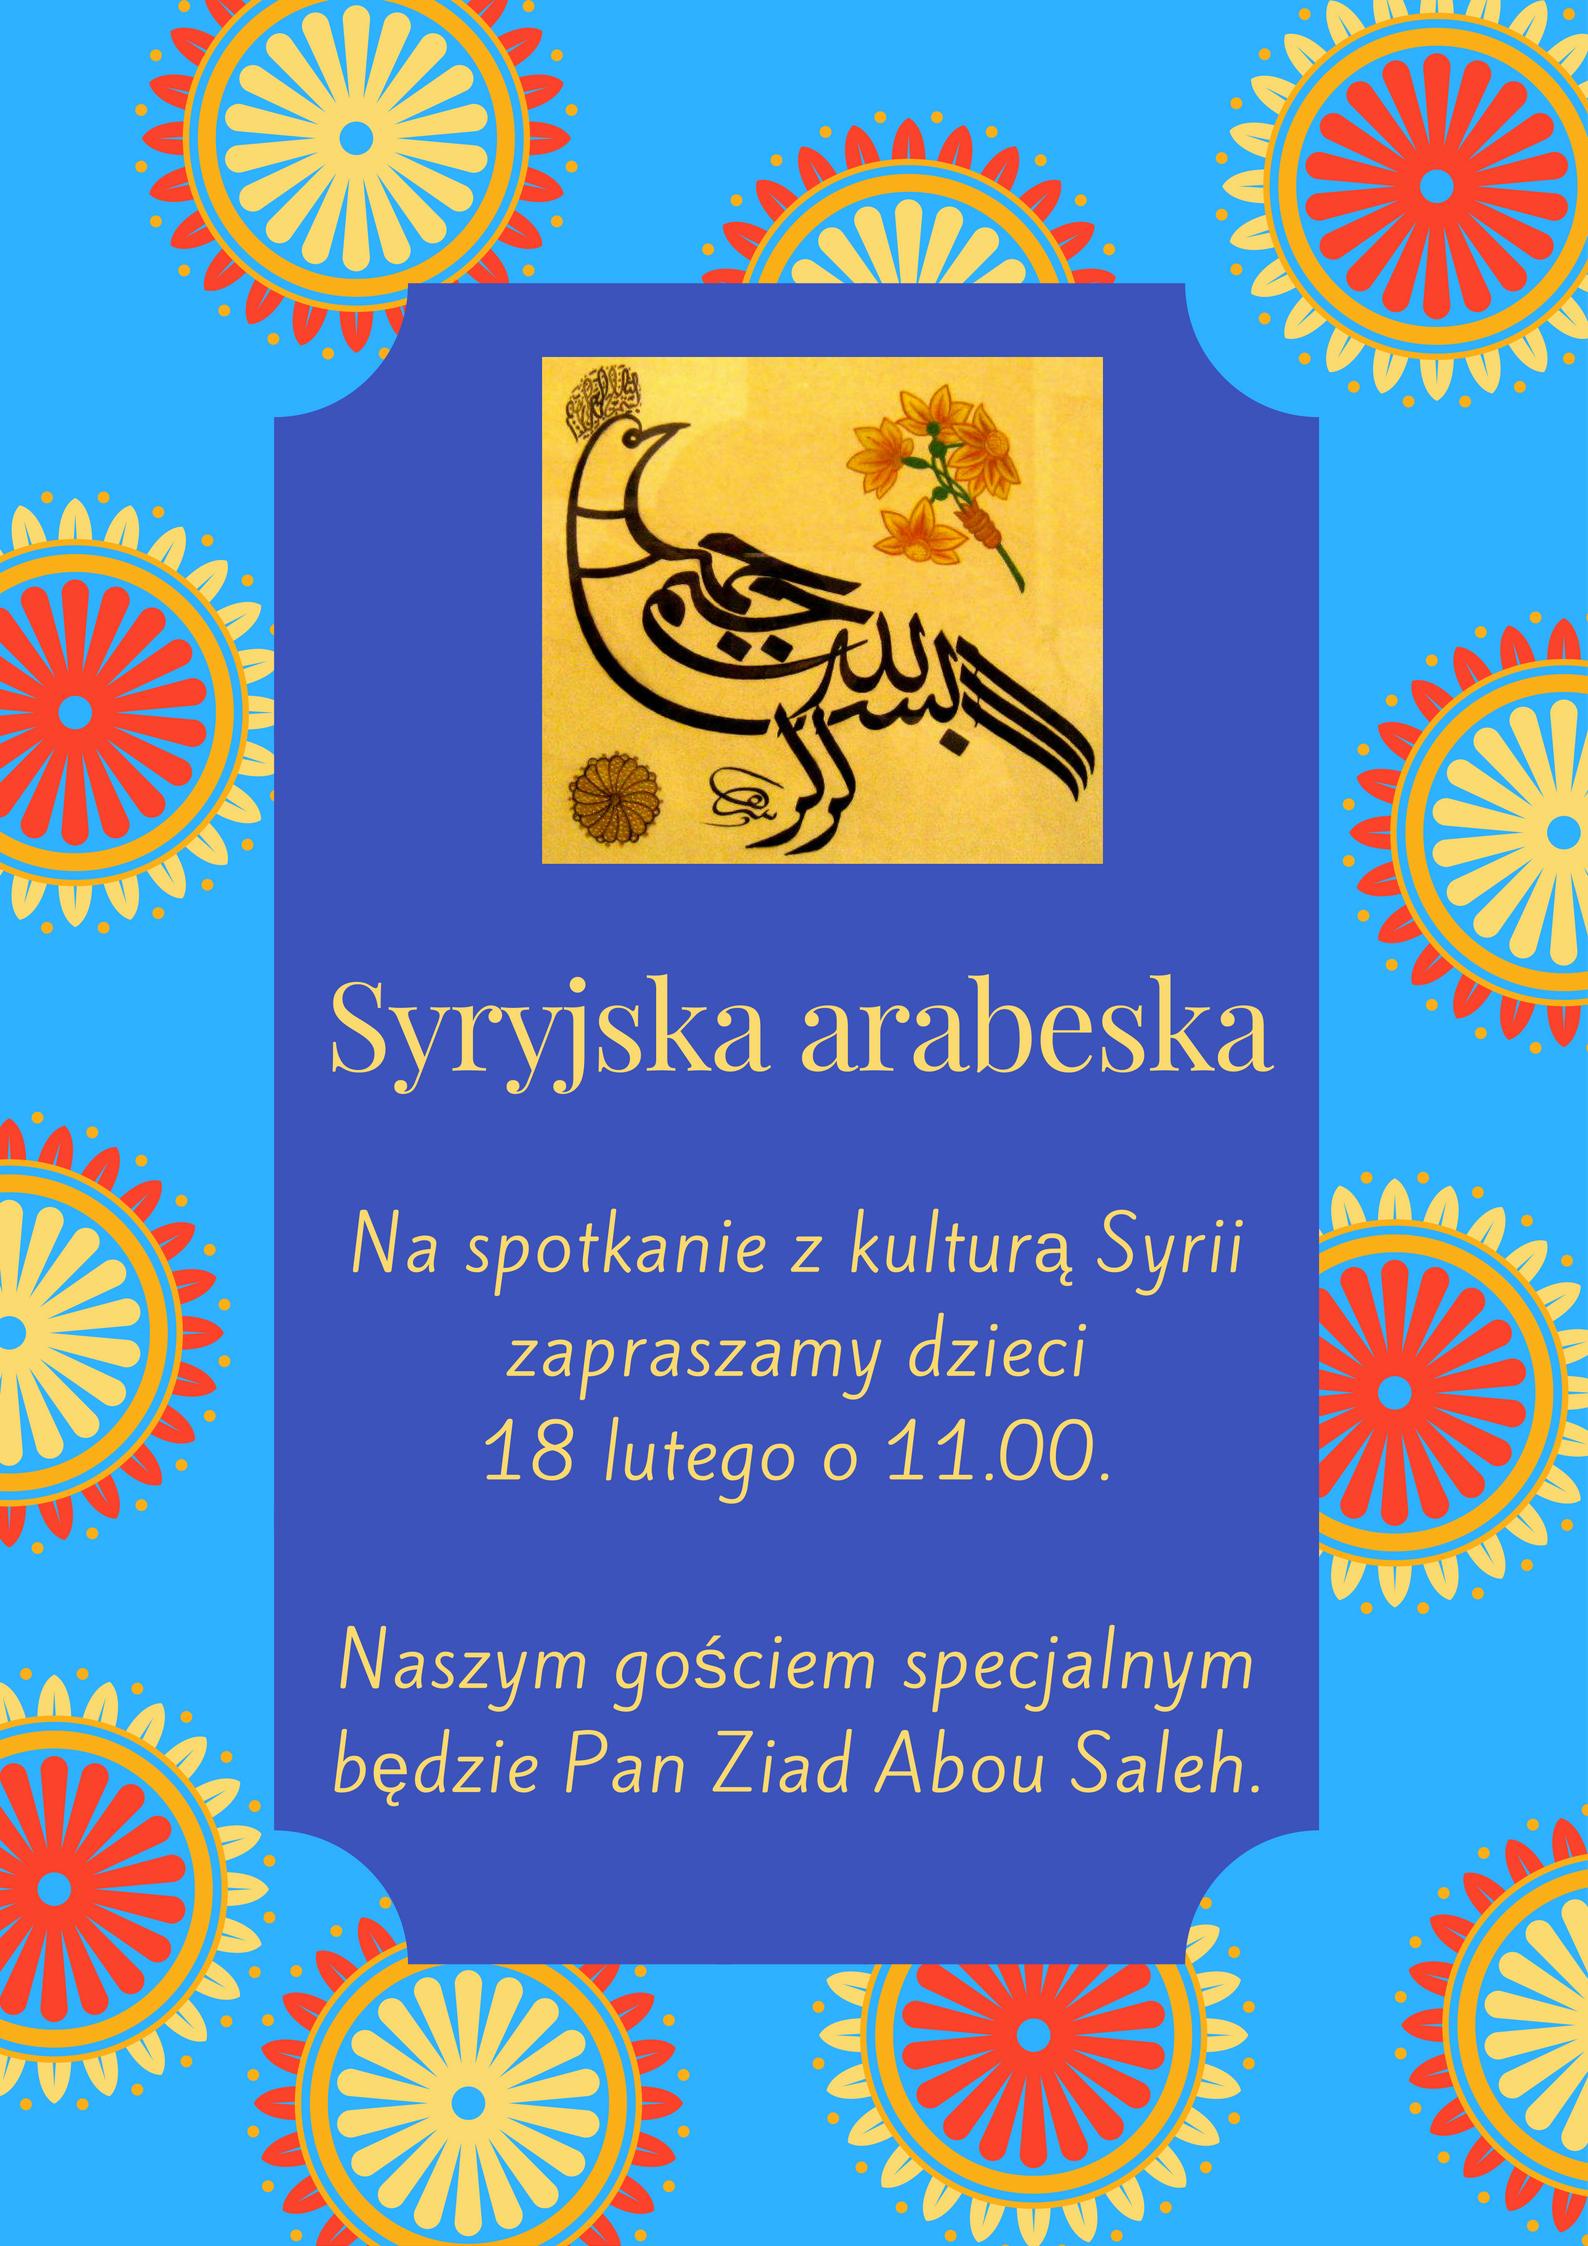 syryjska arabeska biblioteka Wrocław